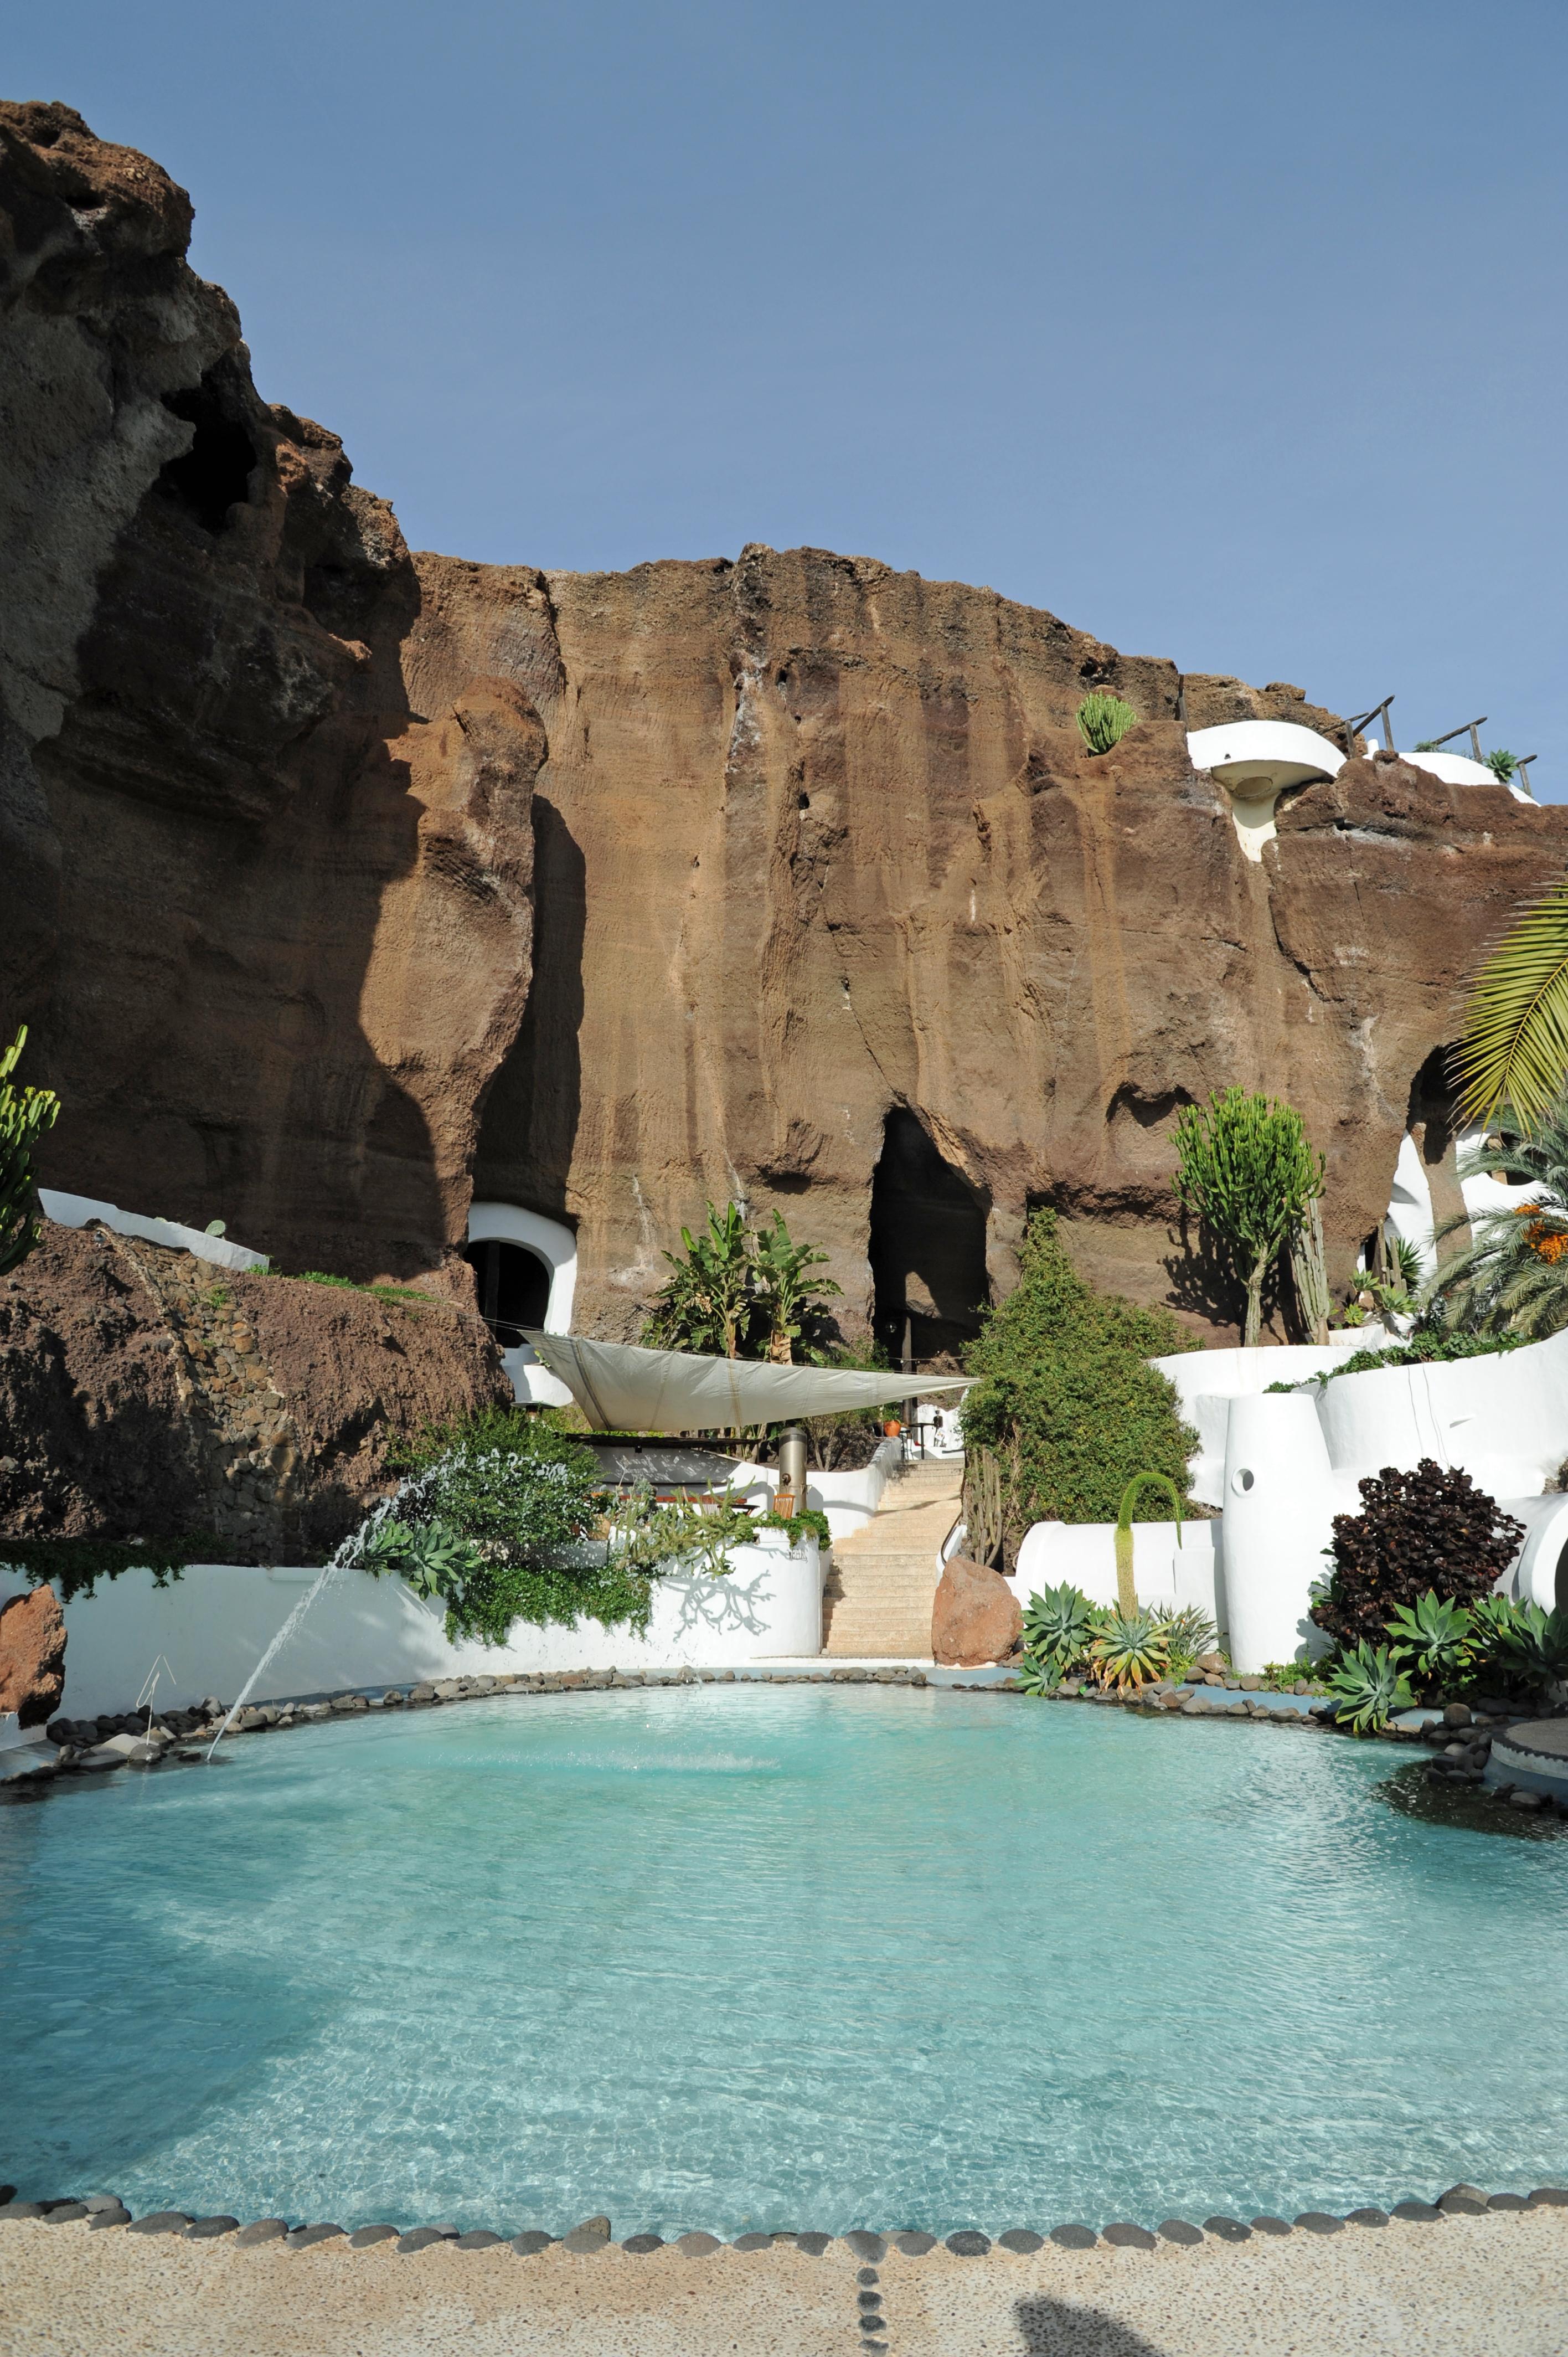 A aldeia de Nazaret e a casa de Omar Sharif em Lanzarote